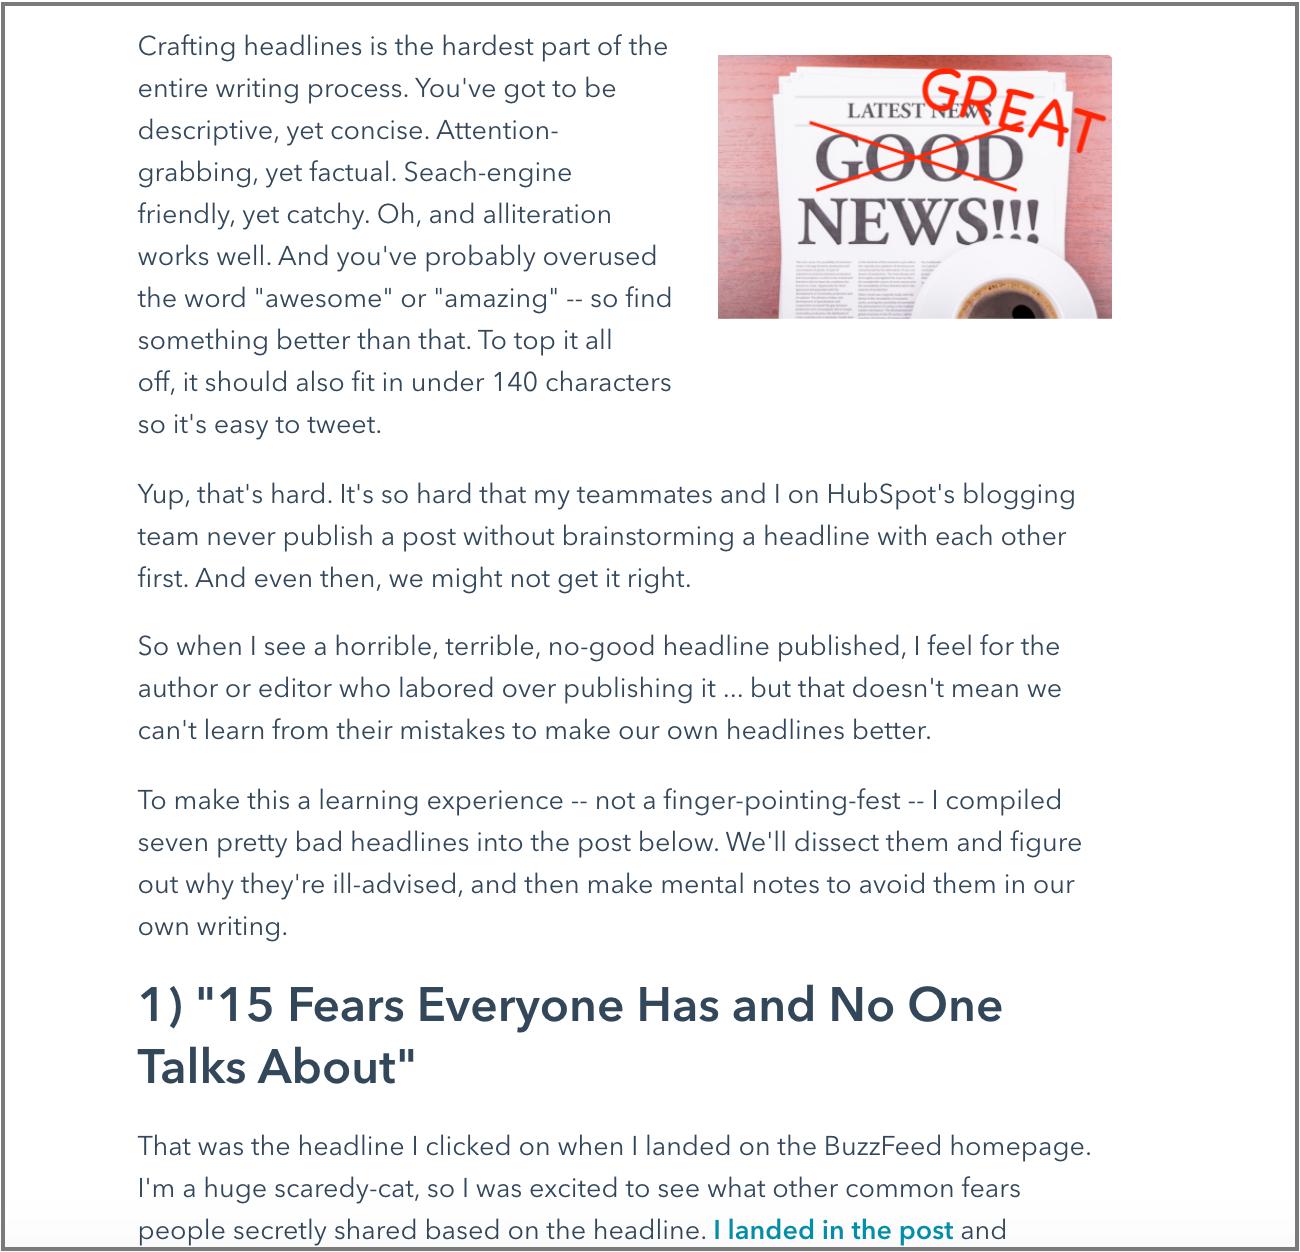 hubspot article fragment